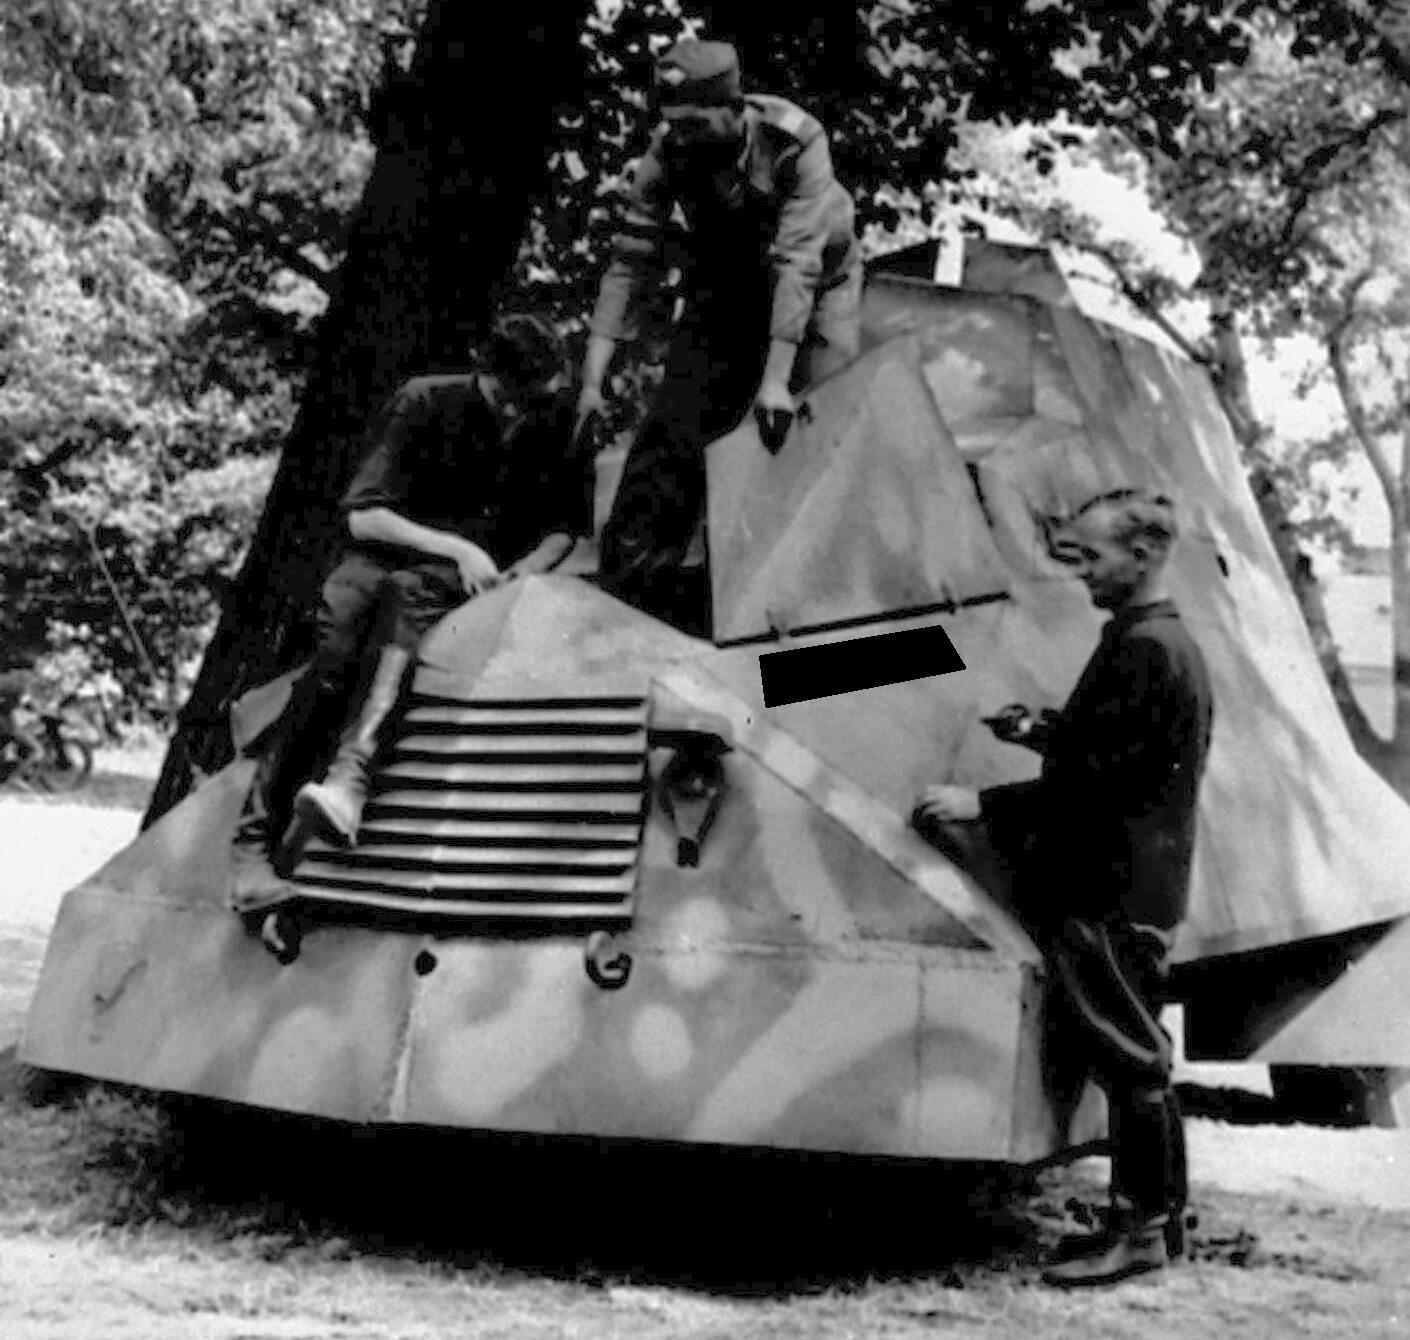 W czasie walk powstańcy wykorzystali zbudowany przez siebie transporter opancerzony. Jak nazwali swój pojazd?